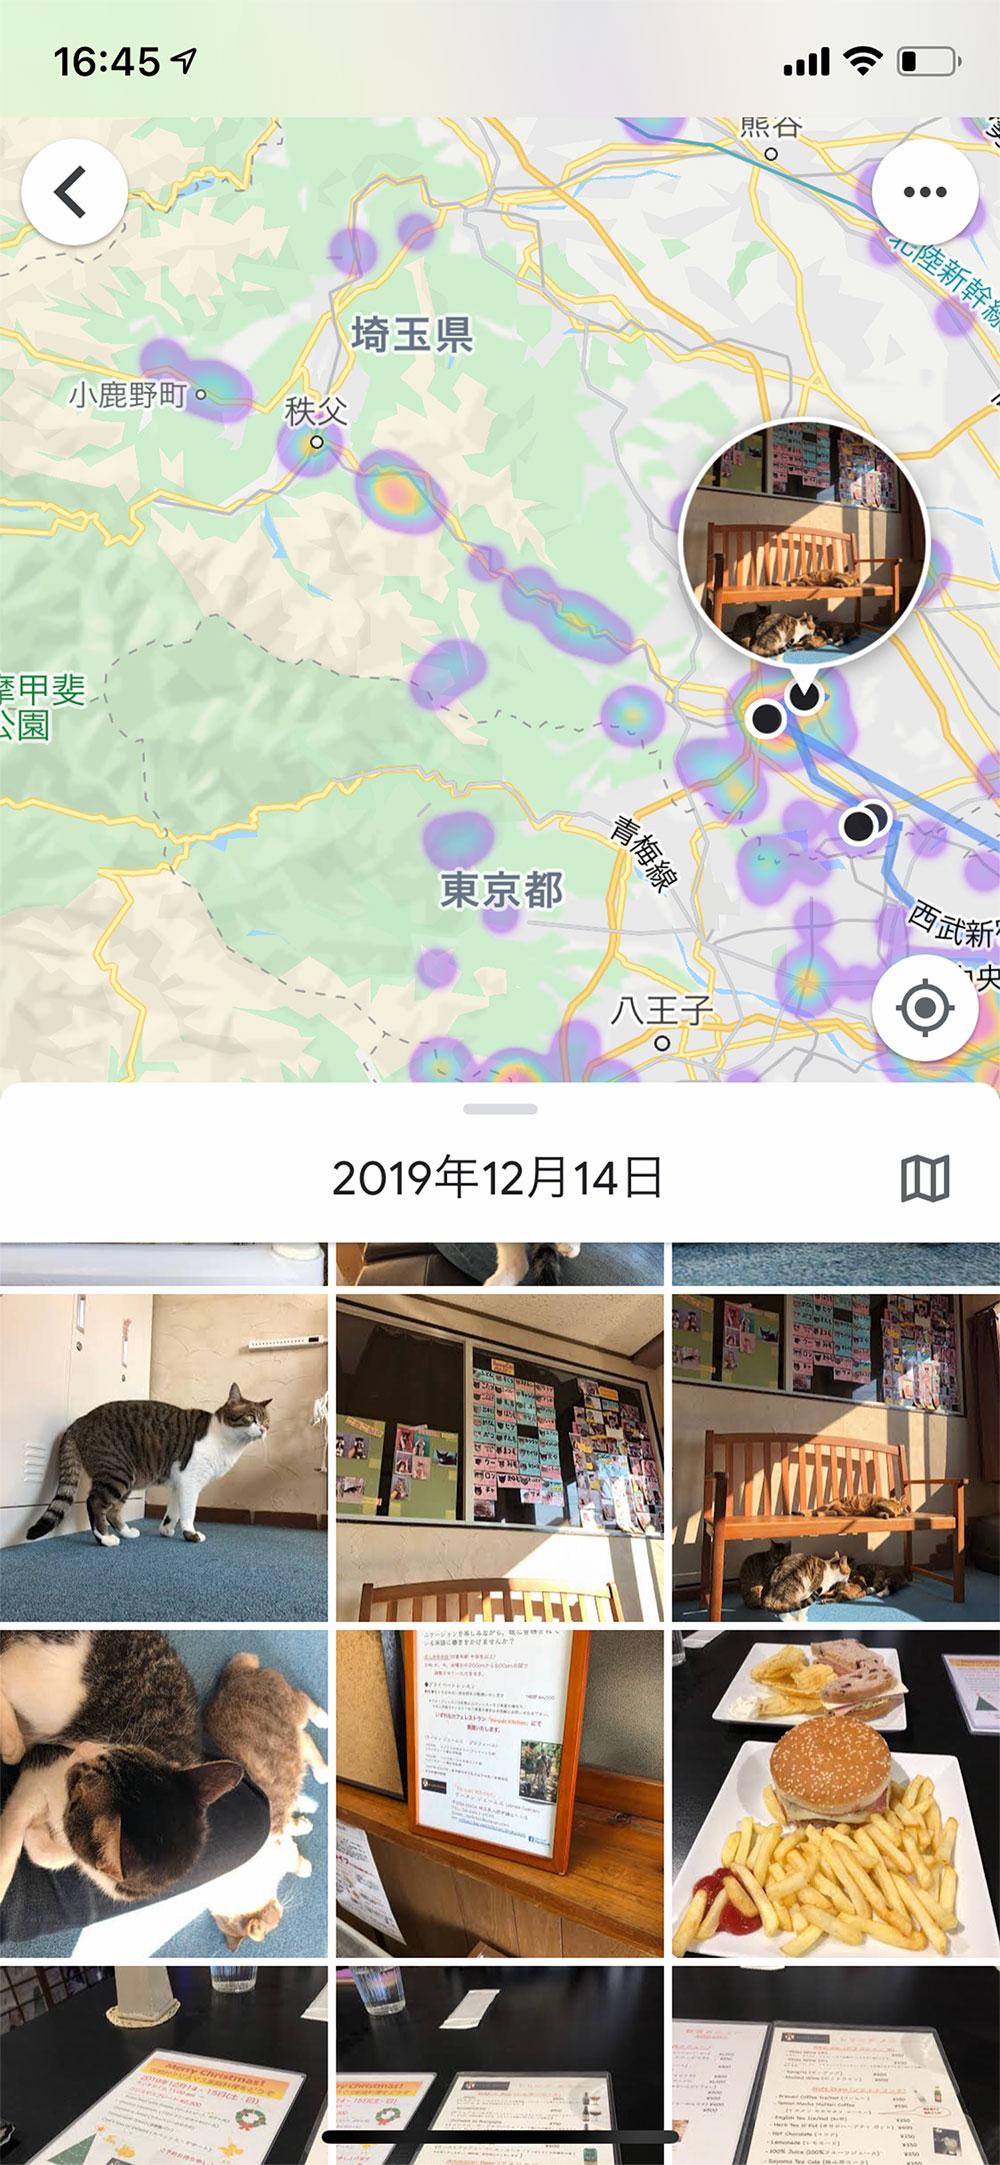 取材で猫カフェに訪れたときの画像が出てきた!